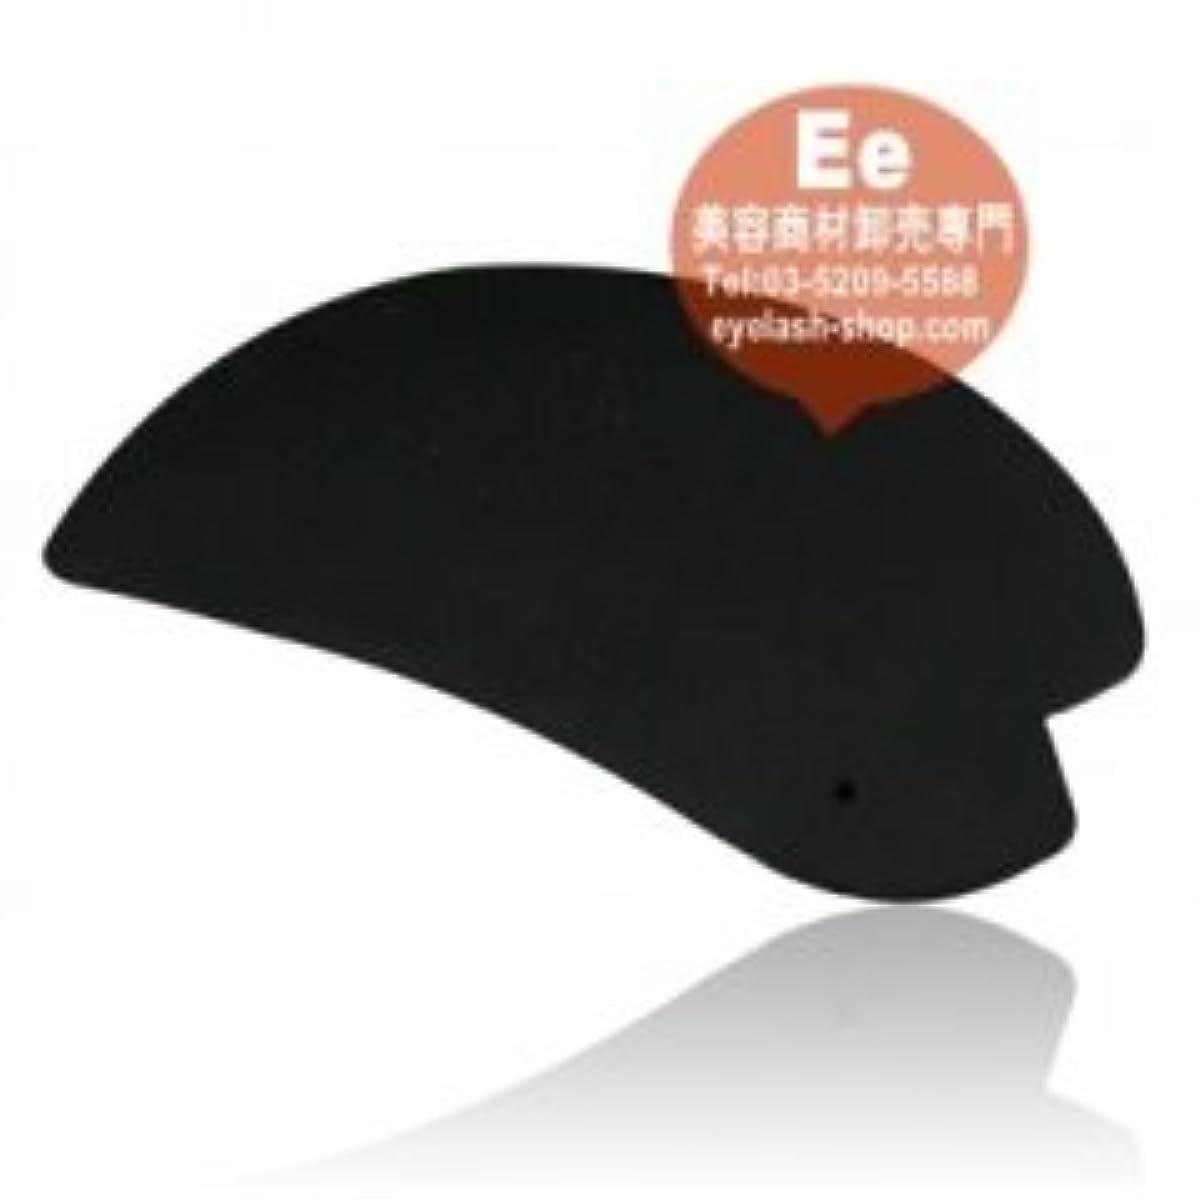 【100%本物保障】最高級天然石美容カッサプレート 天然石カッサ板 S-11